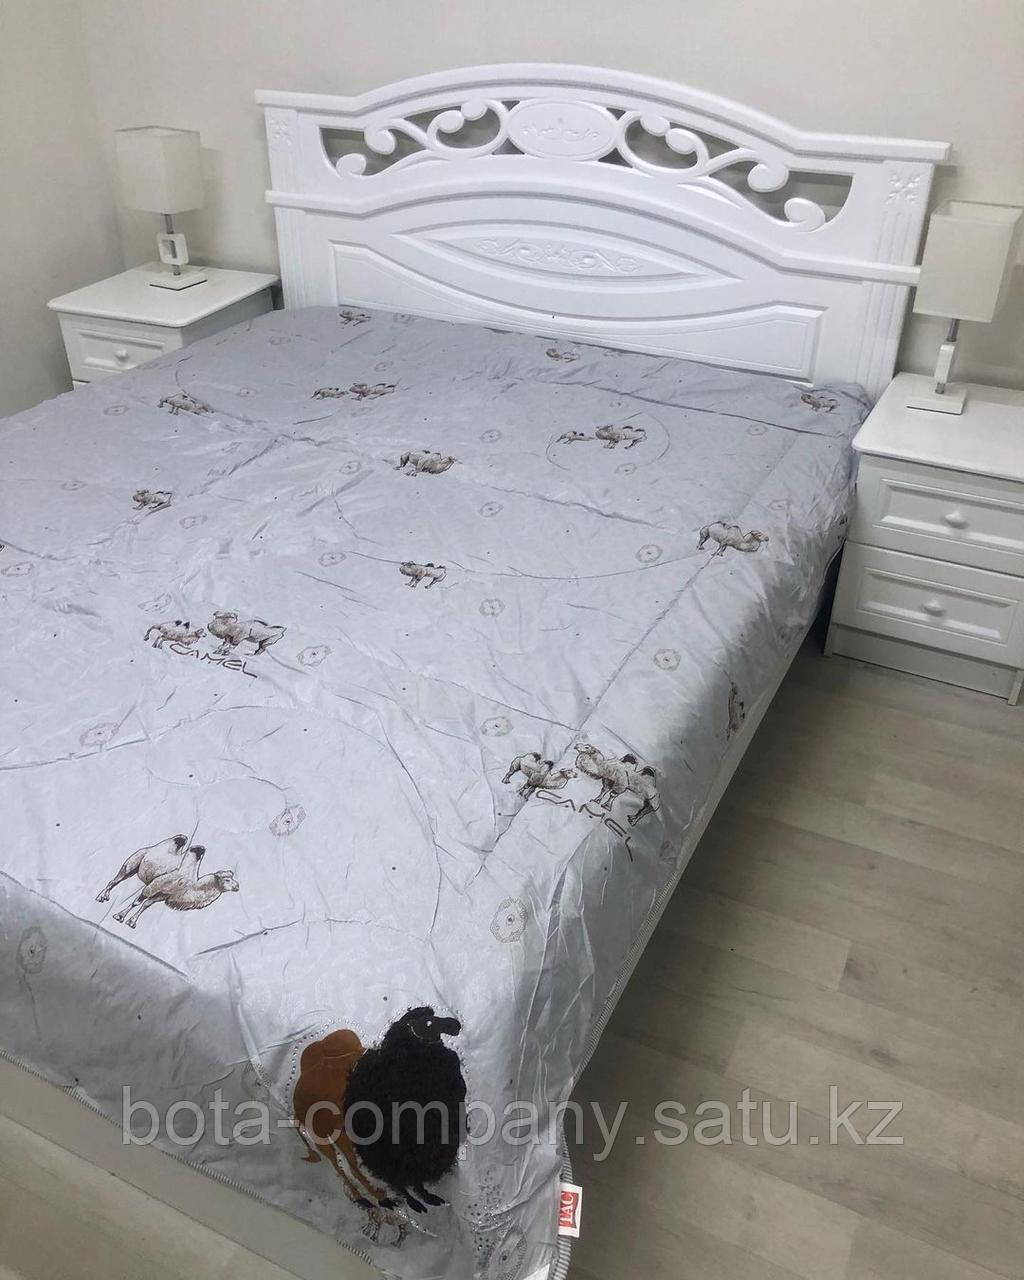 Одеяло верблюжье 2сп оригинал